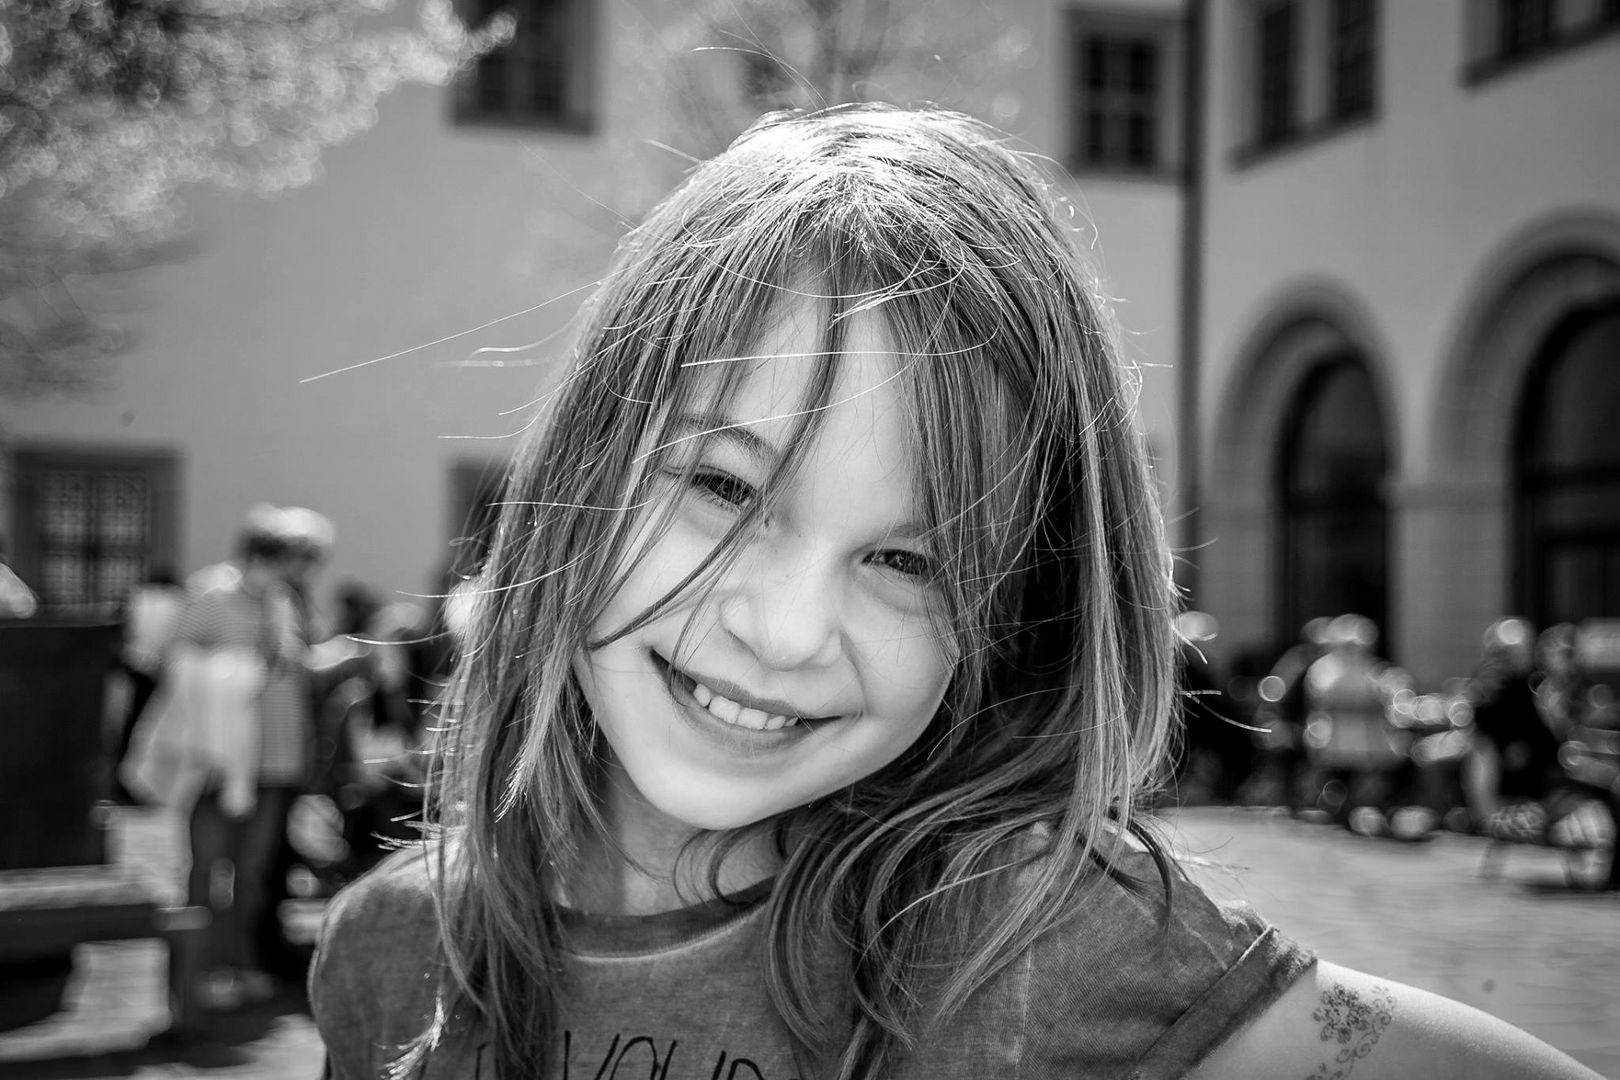 Meine wundervolle Tochter